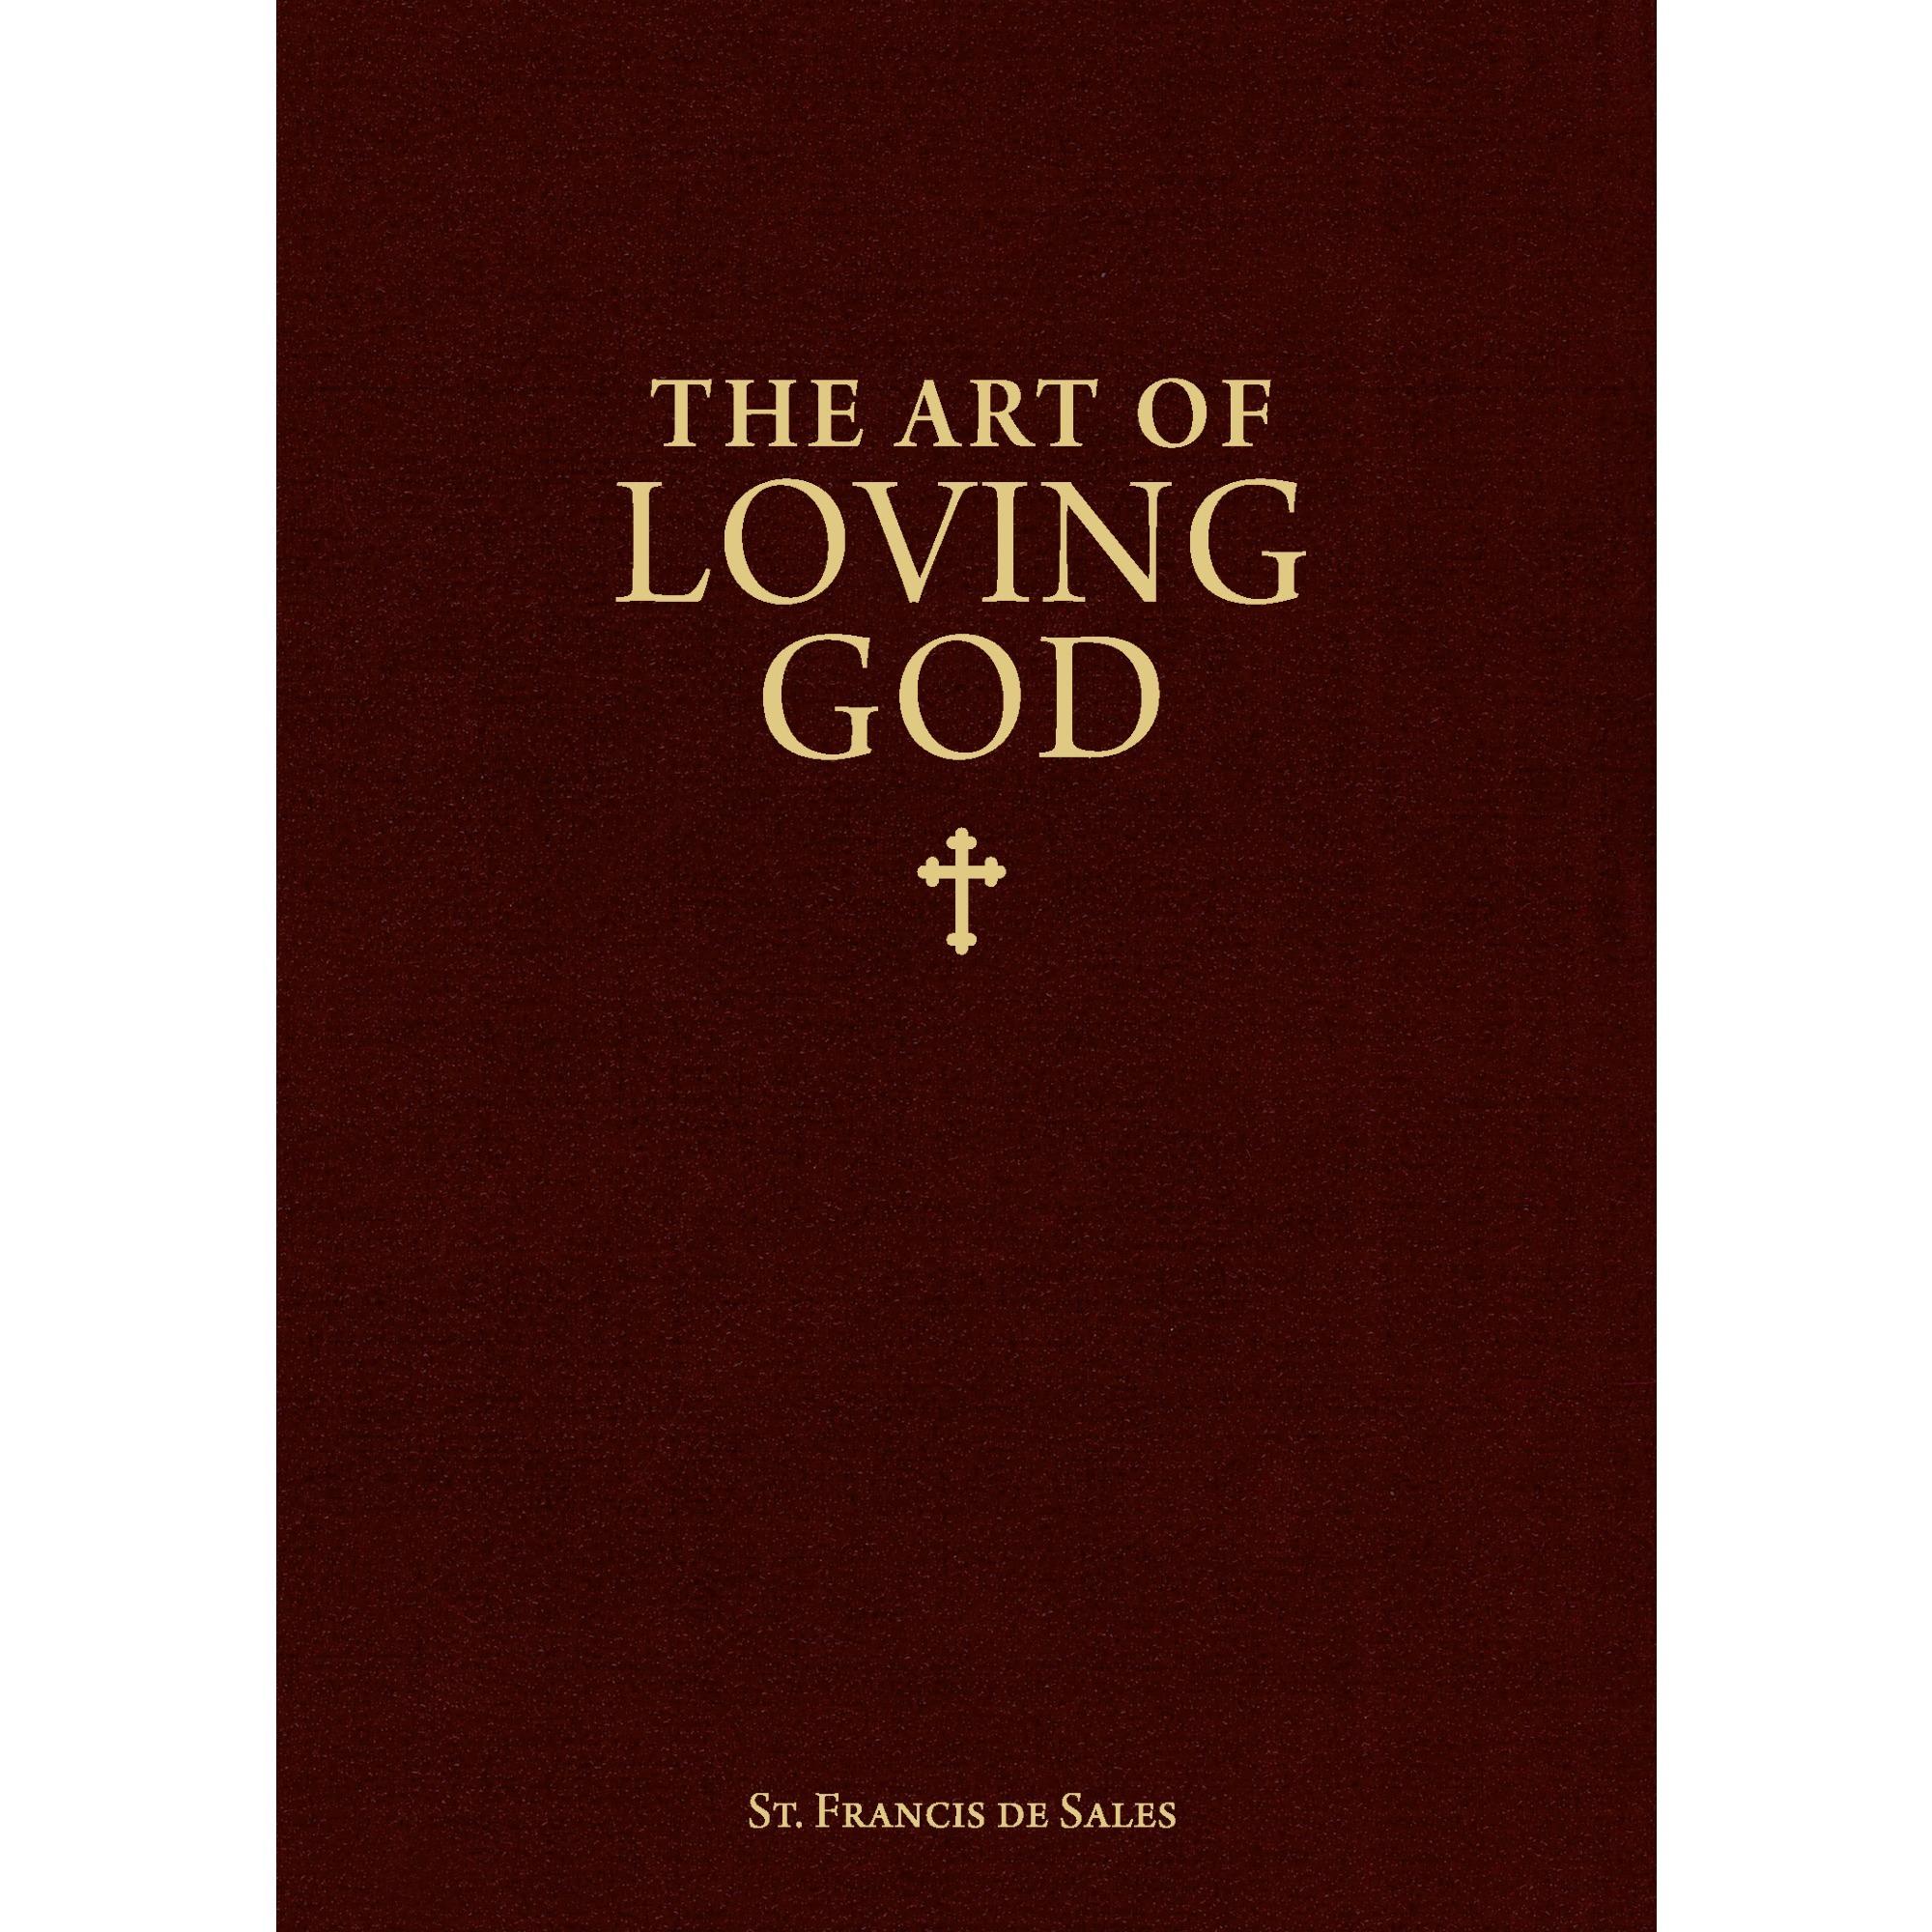 The Art of Loving God book